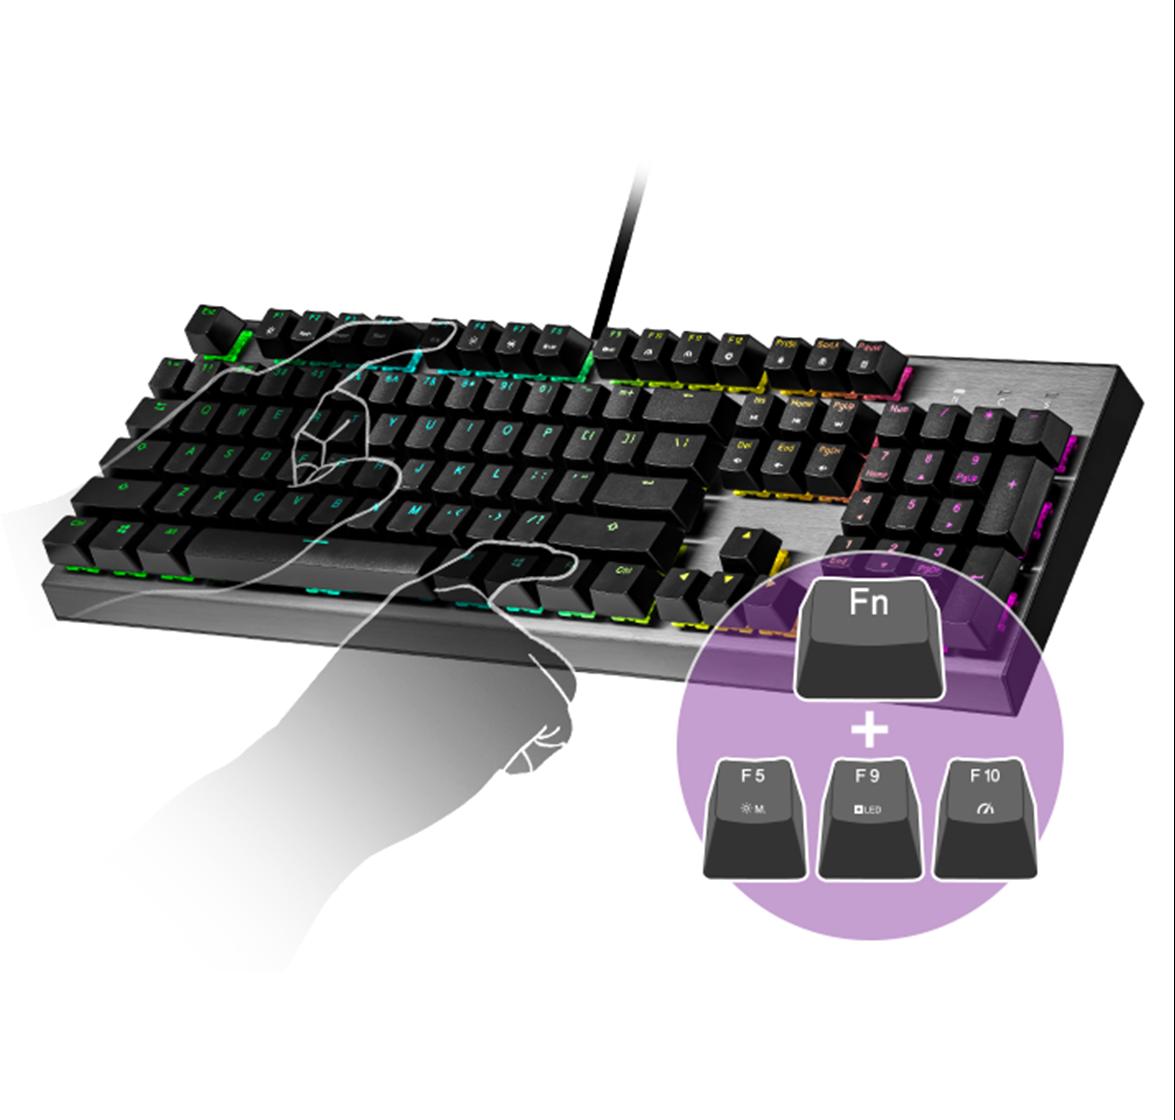 Bàn phím cơ Cooler Master CK350 (USB/RGB/Red switch) có thể điều chỉnh chức năng ngay trên phím